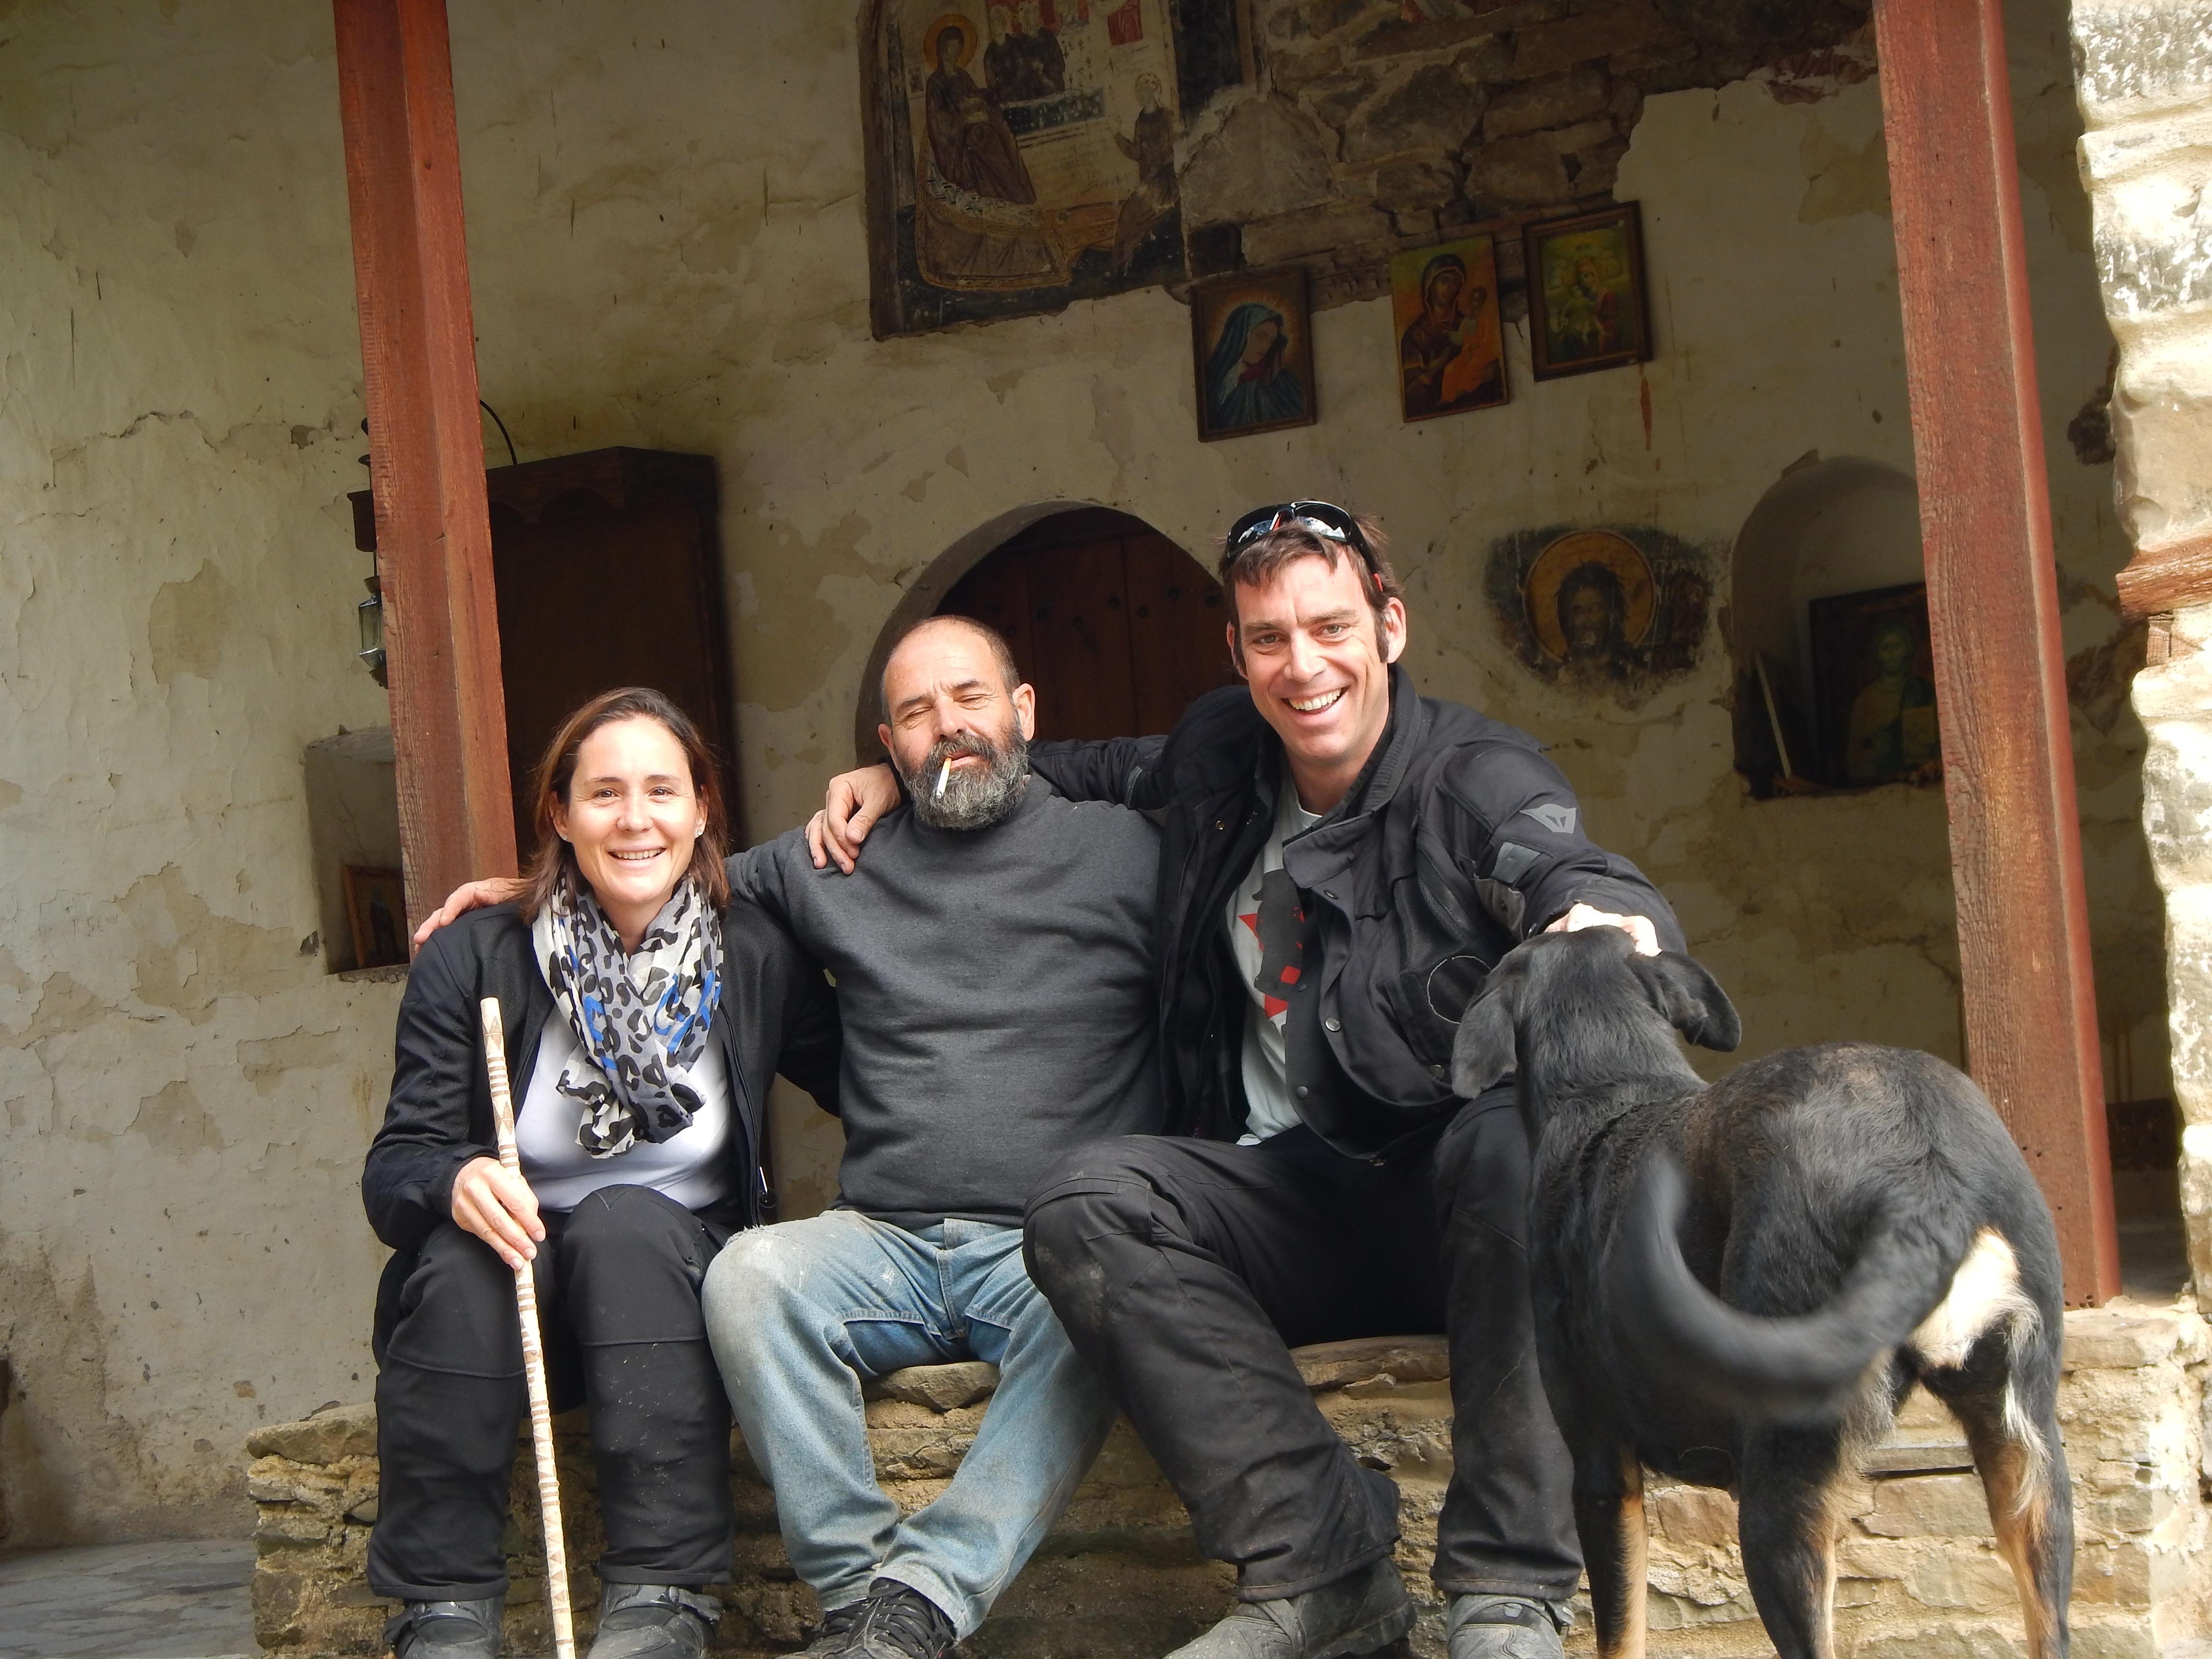 Grèce - Destination Météores par trail rando 161003072308817818